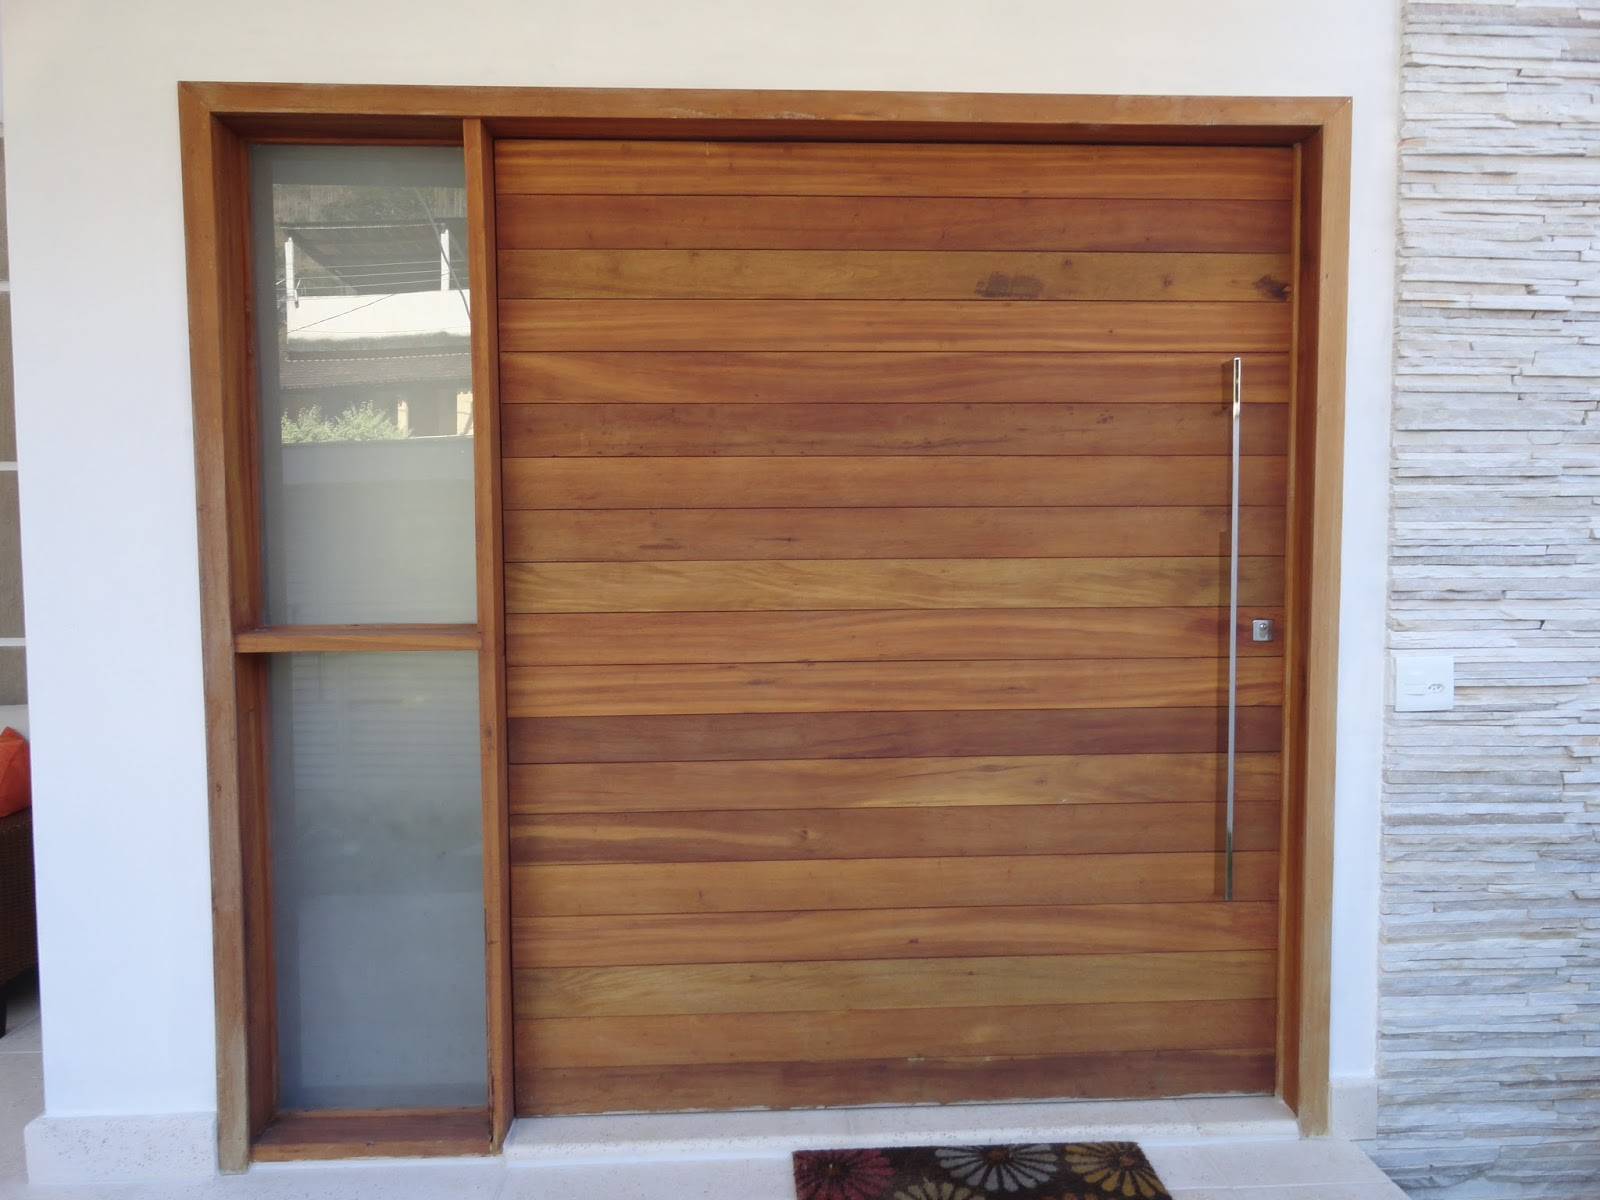 #764633 WW Móveis e Esquadrias: Portas e janelas 1140 Portas E Janelas De Aluminio Sob Medidas